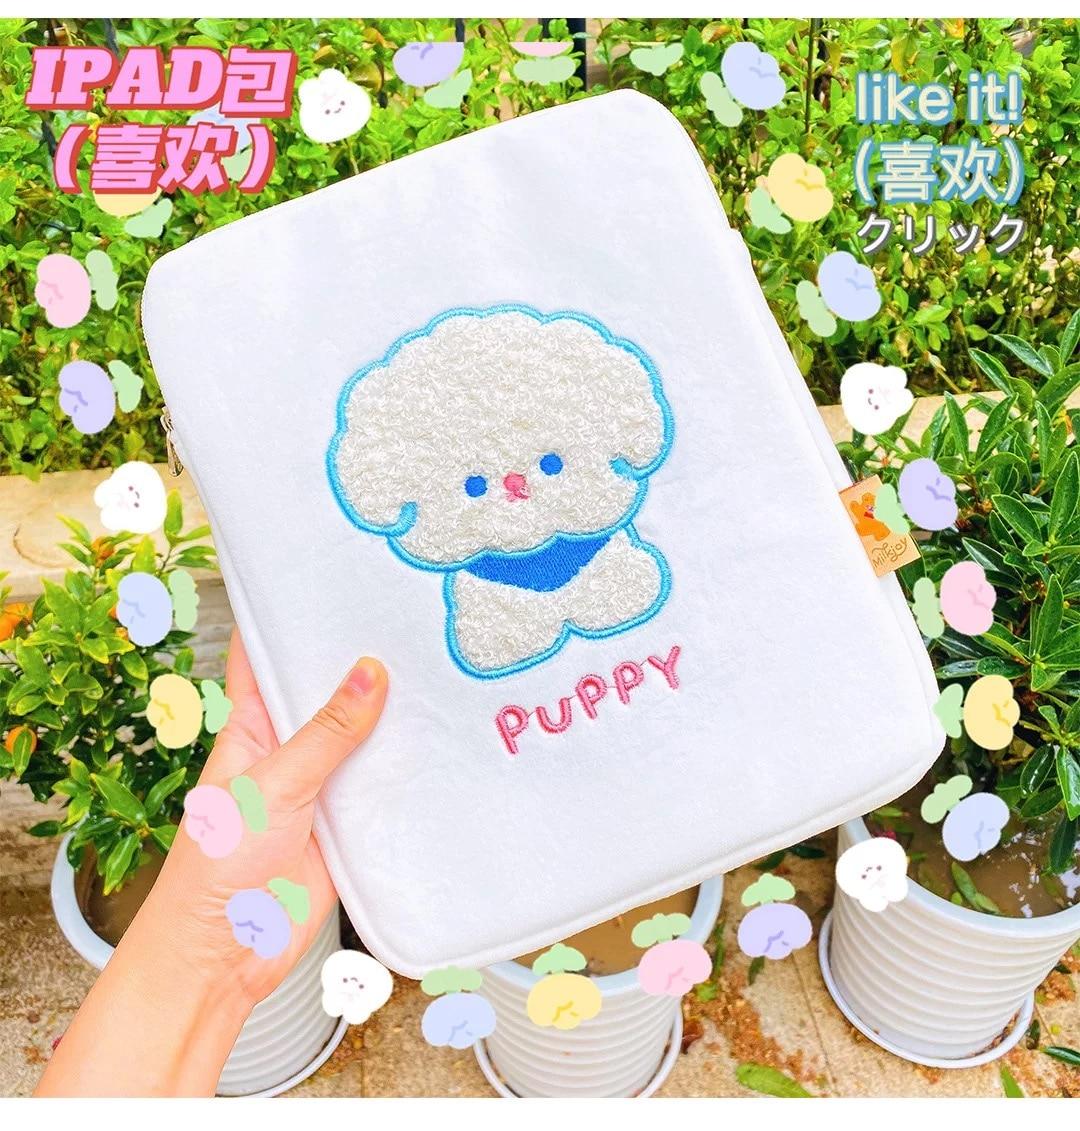 Чехол для Ipad Pro 11, 2021, чехол для Ipad в Корейском стиле с симпатичным медведем для девочек, чехол для Ipad 10,5 дюйма, мультяшный чехол для Ipad Air, доро... чехол